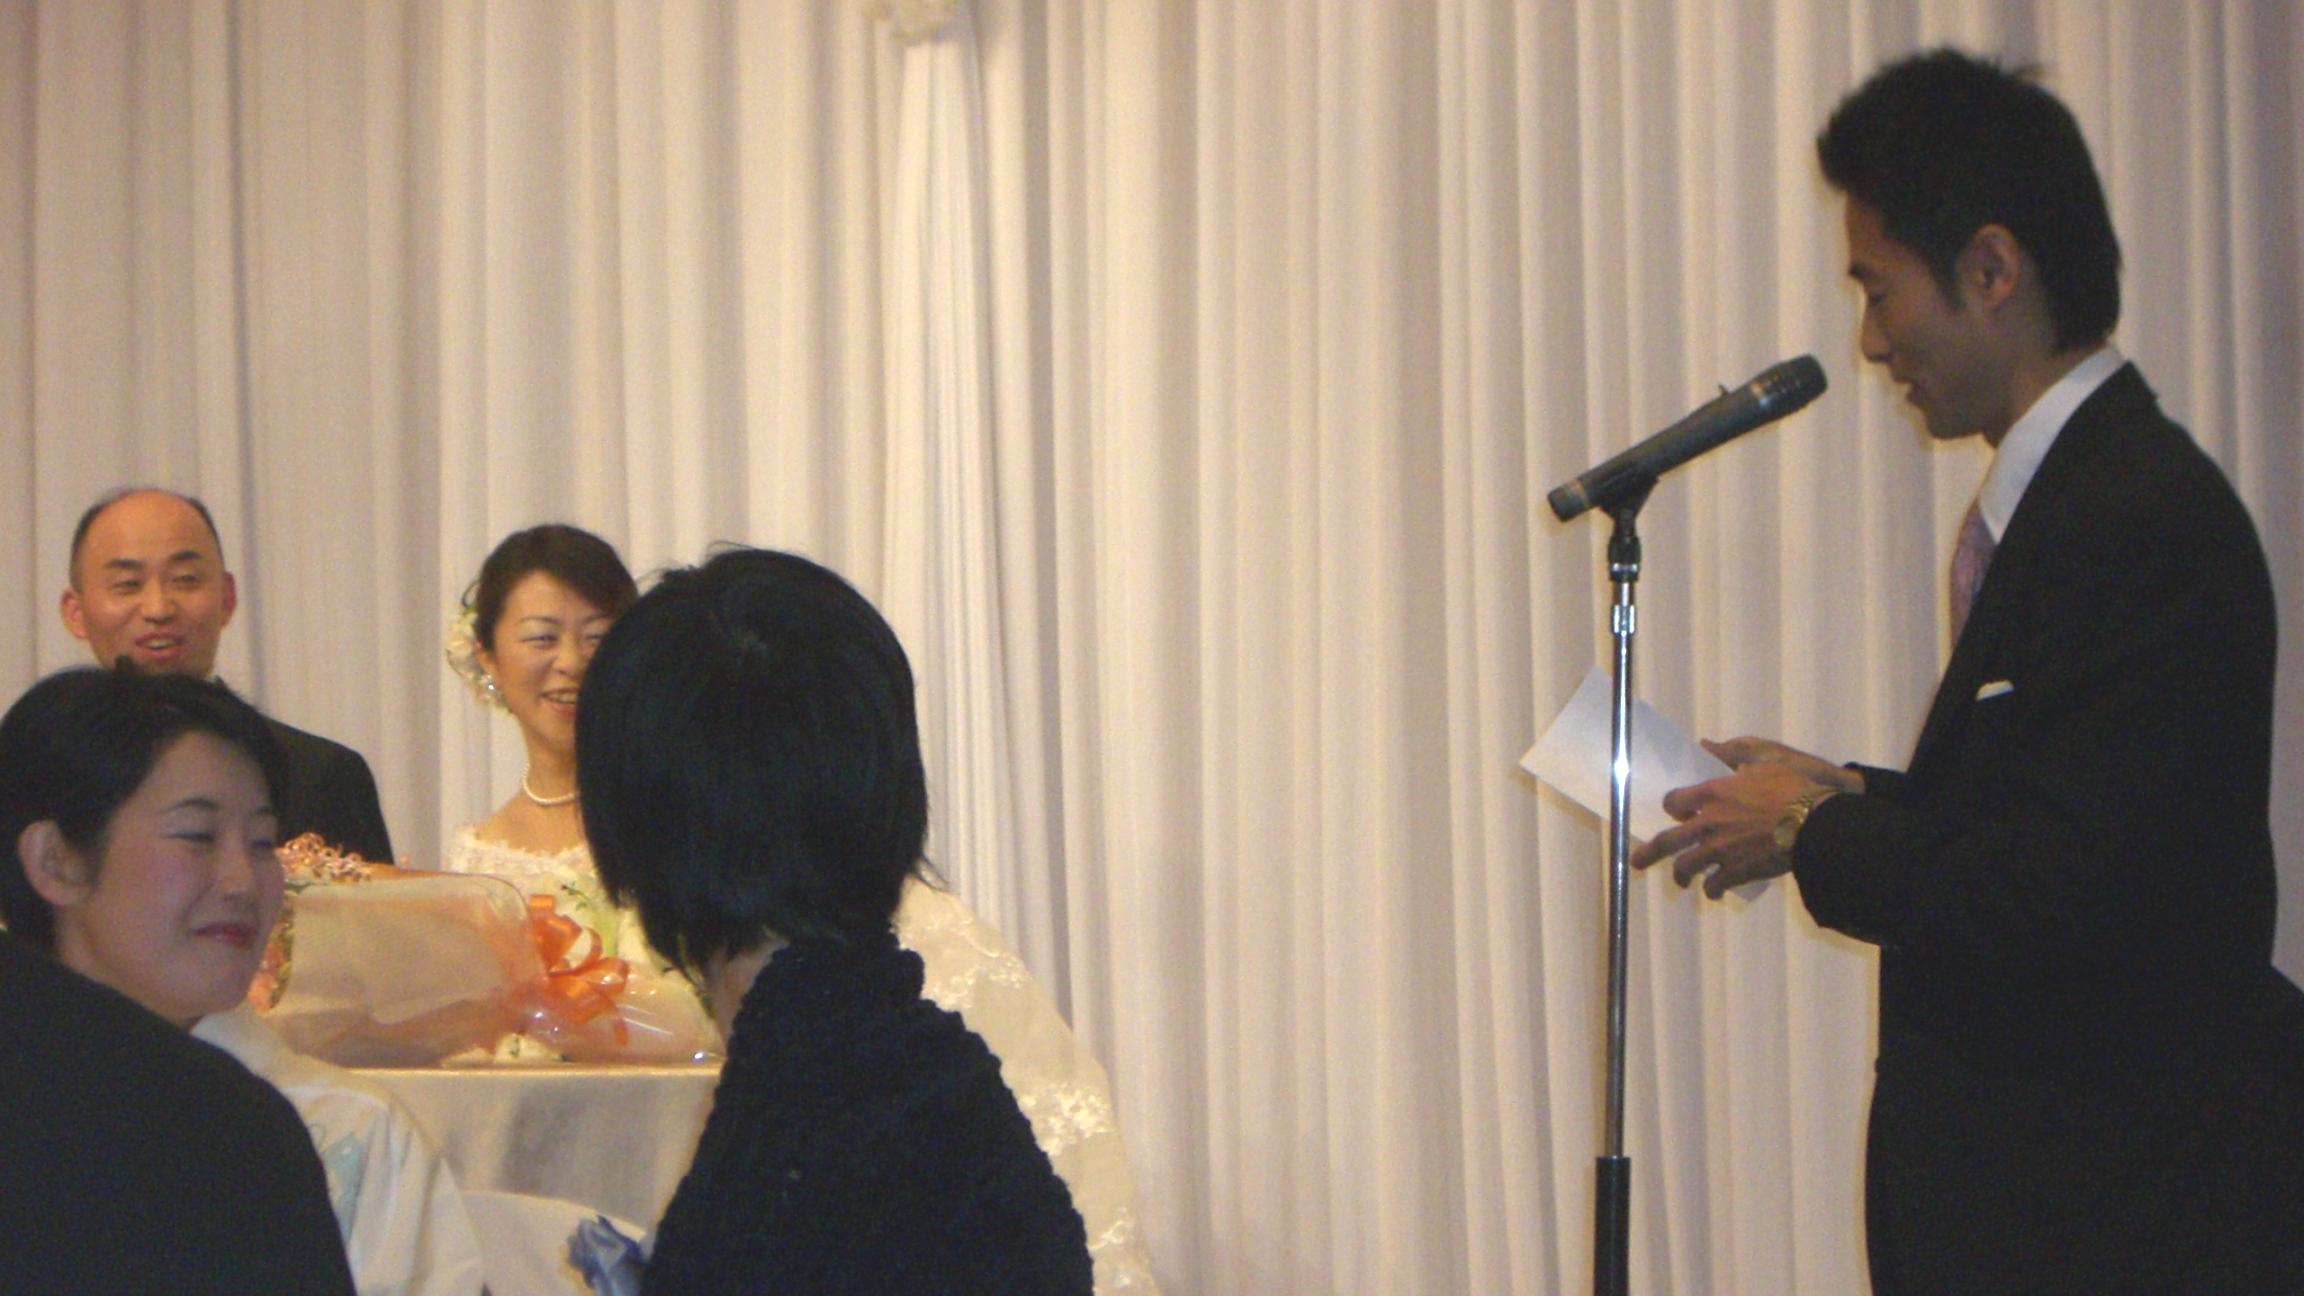 女性クライアントさんがベストパートナーと出会い、、結婚式に感動!